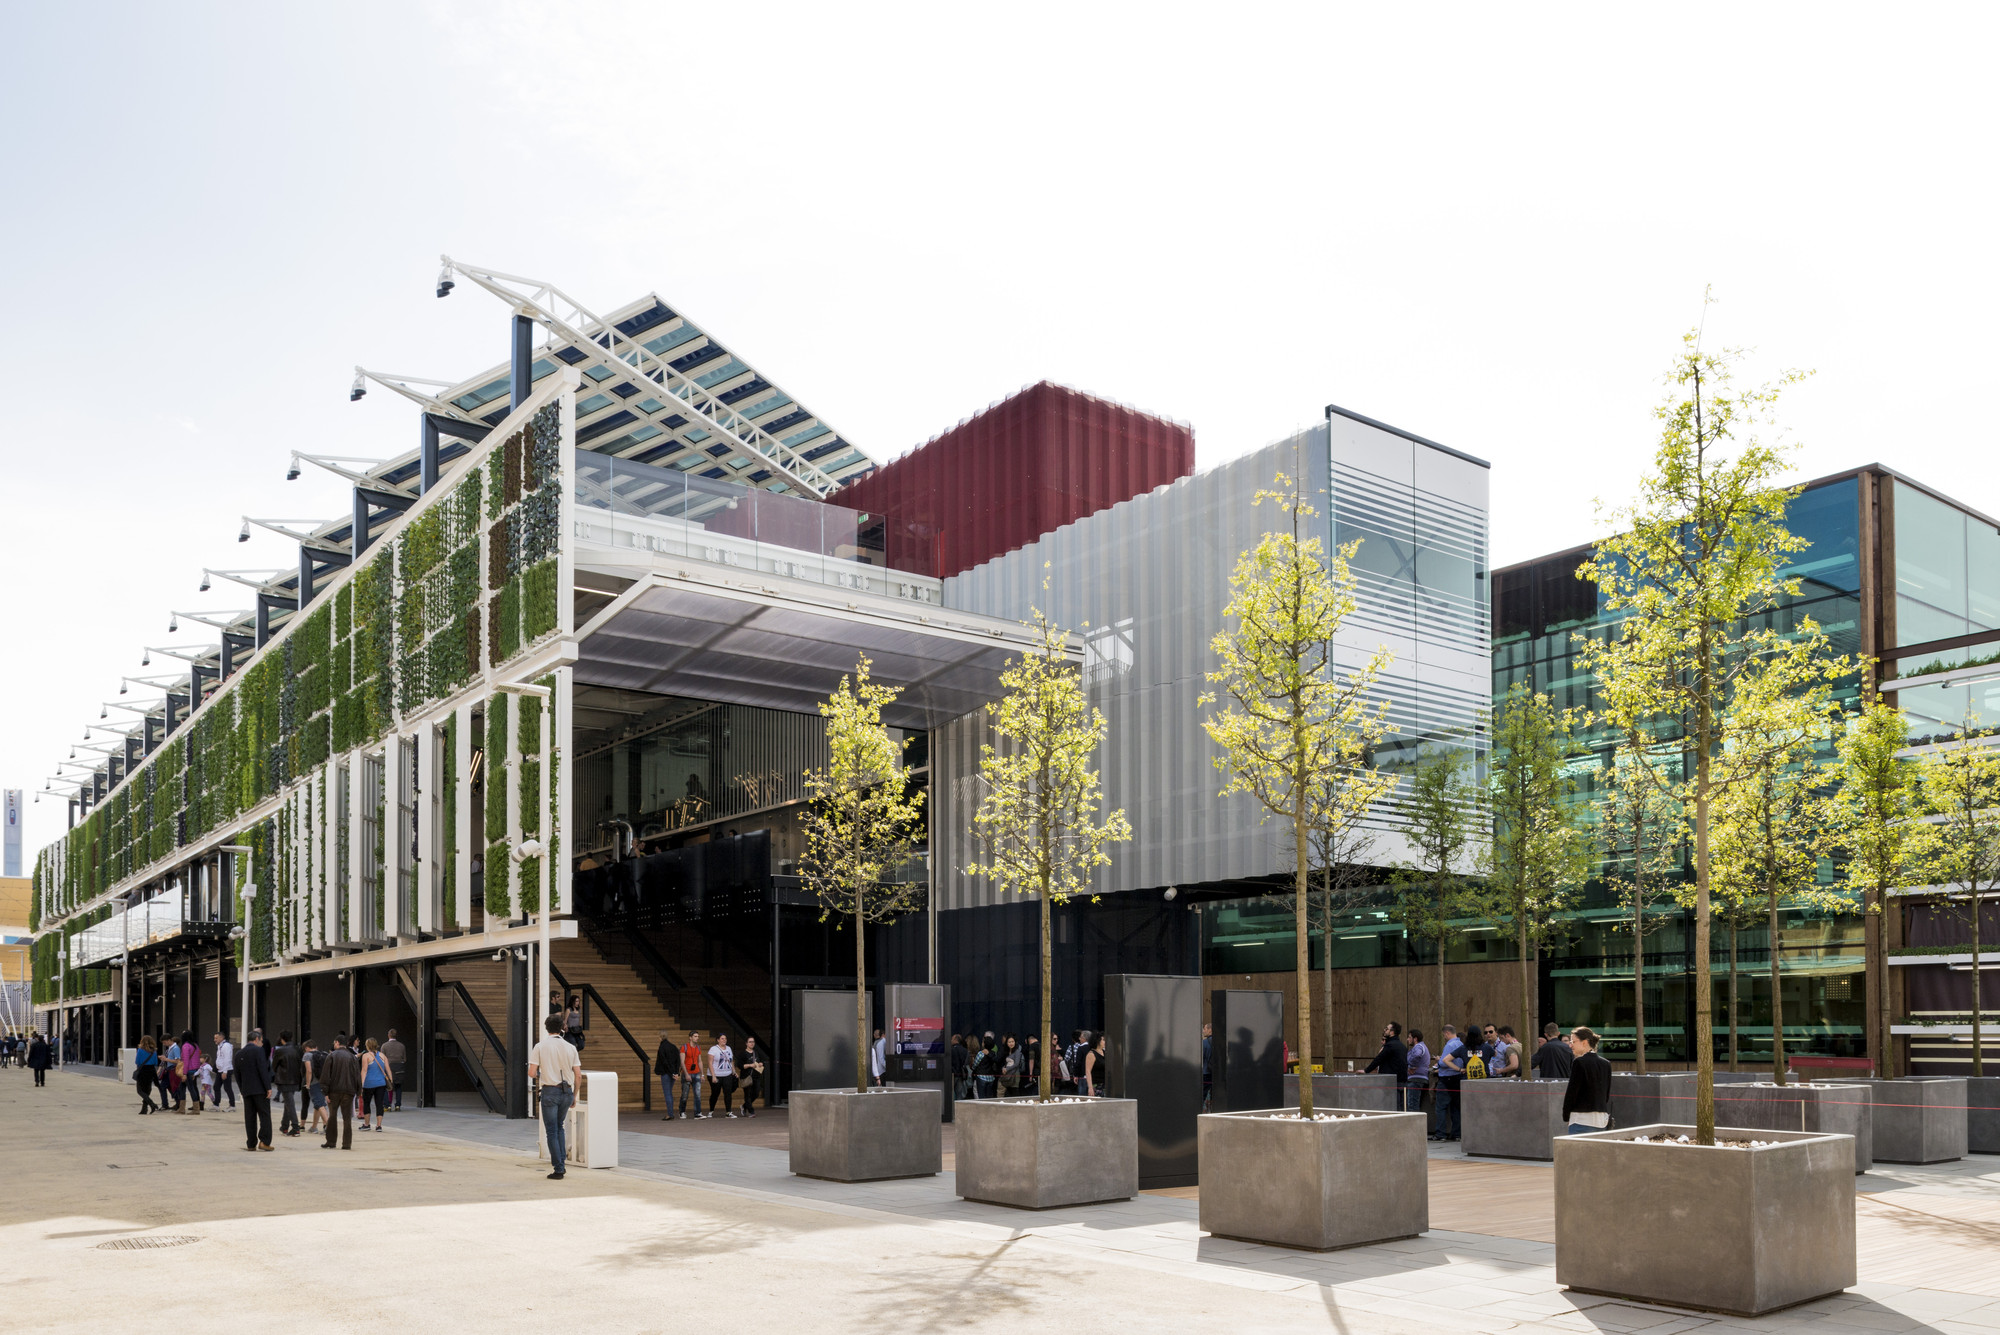 Pavilion Estados Unidos Milan Expo 2015